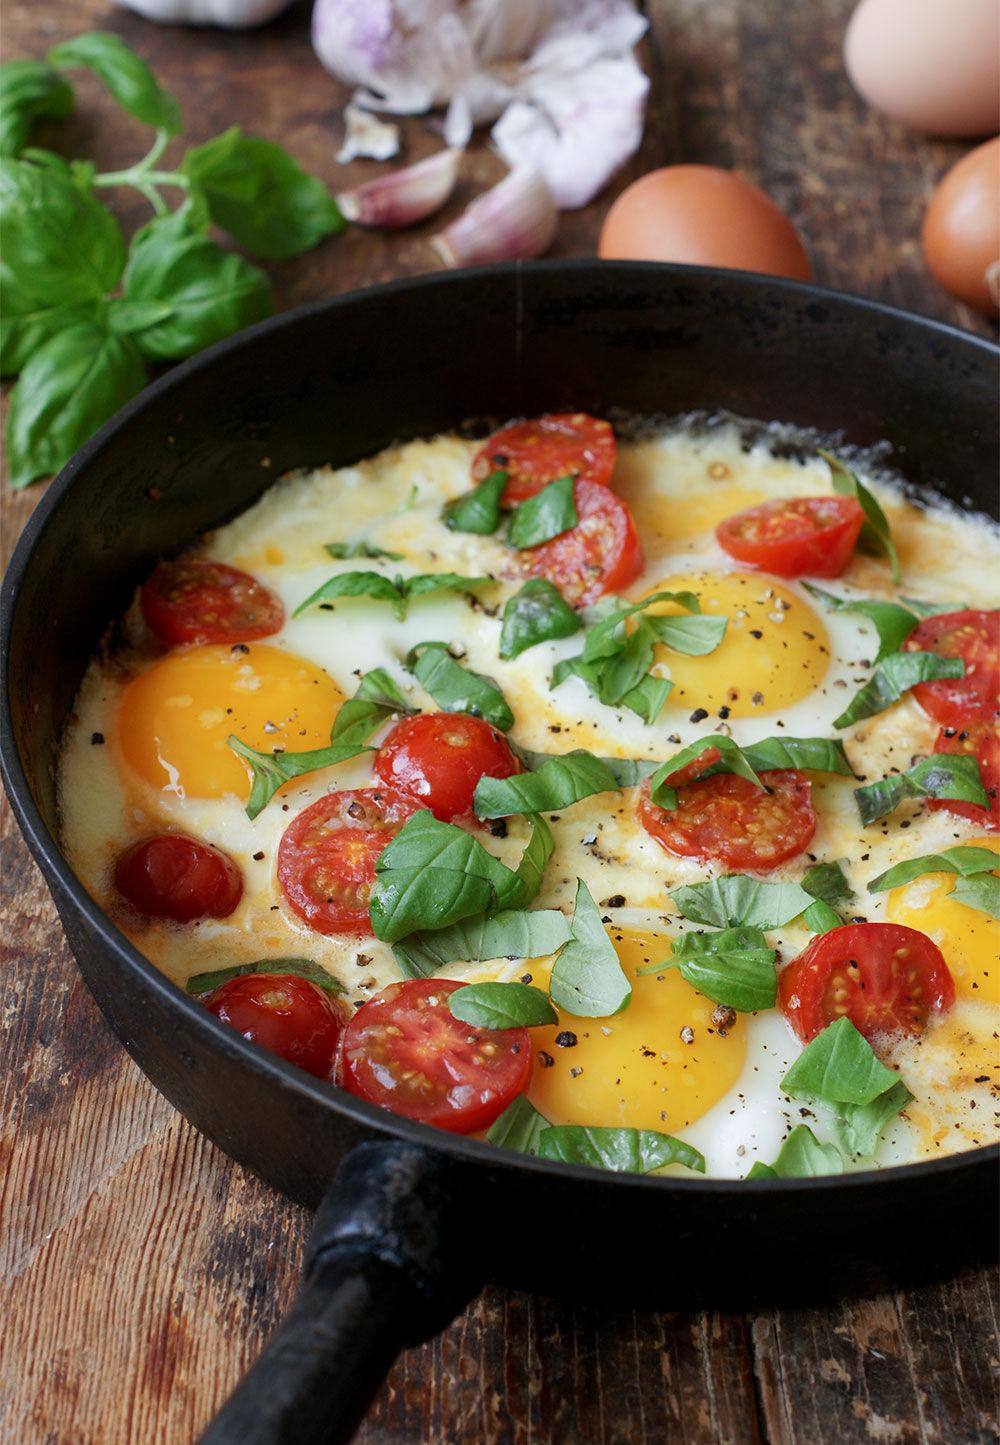 Allt-i-ett mozzarella, tomater och ägg i gjutjärnspanna